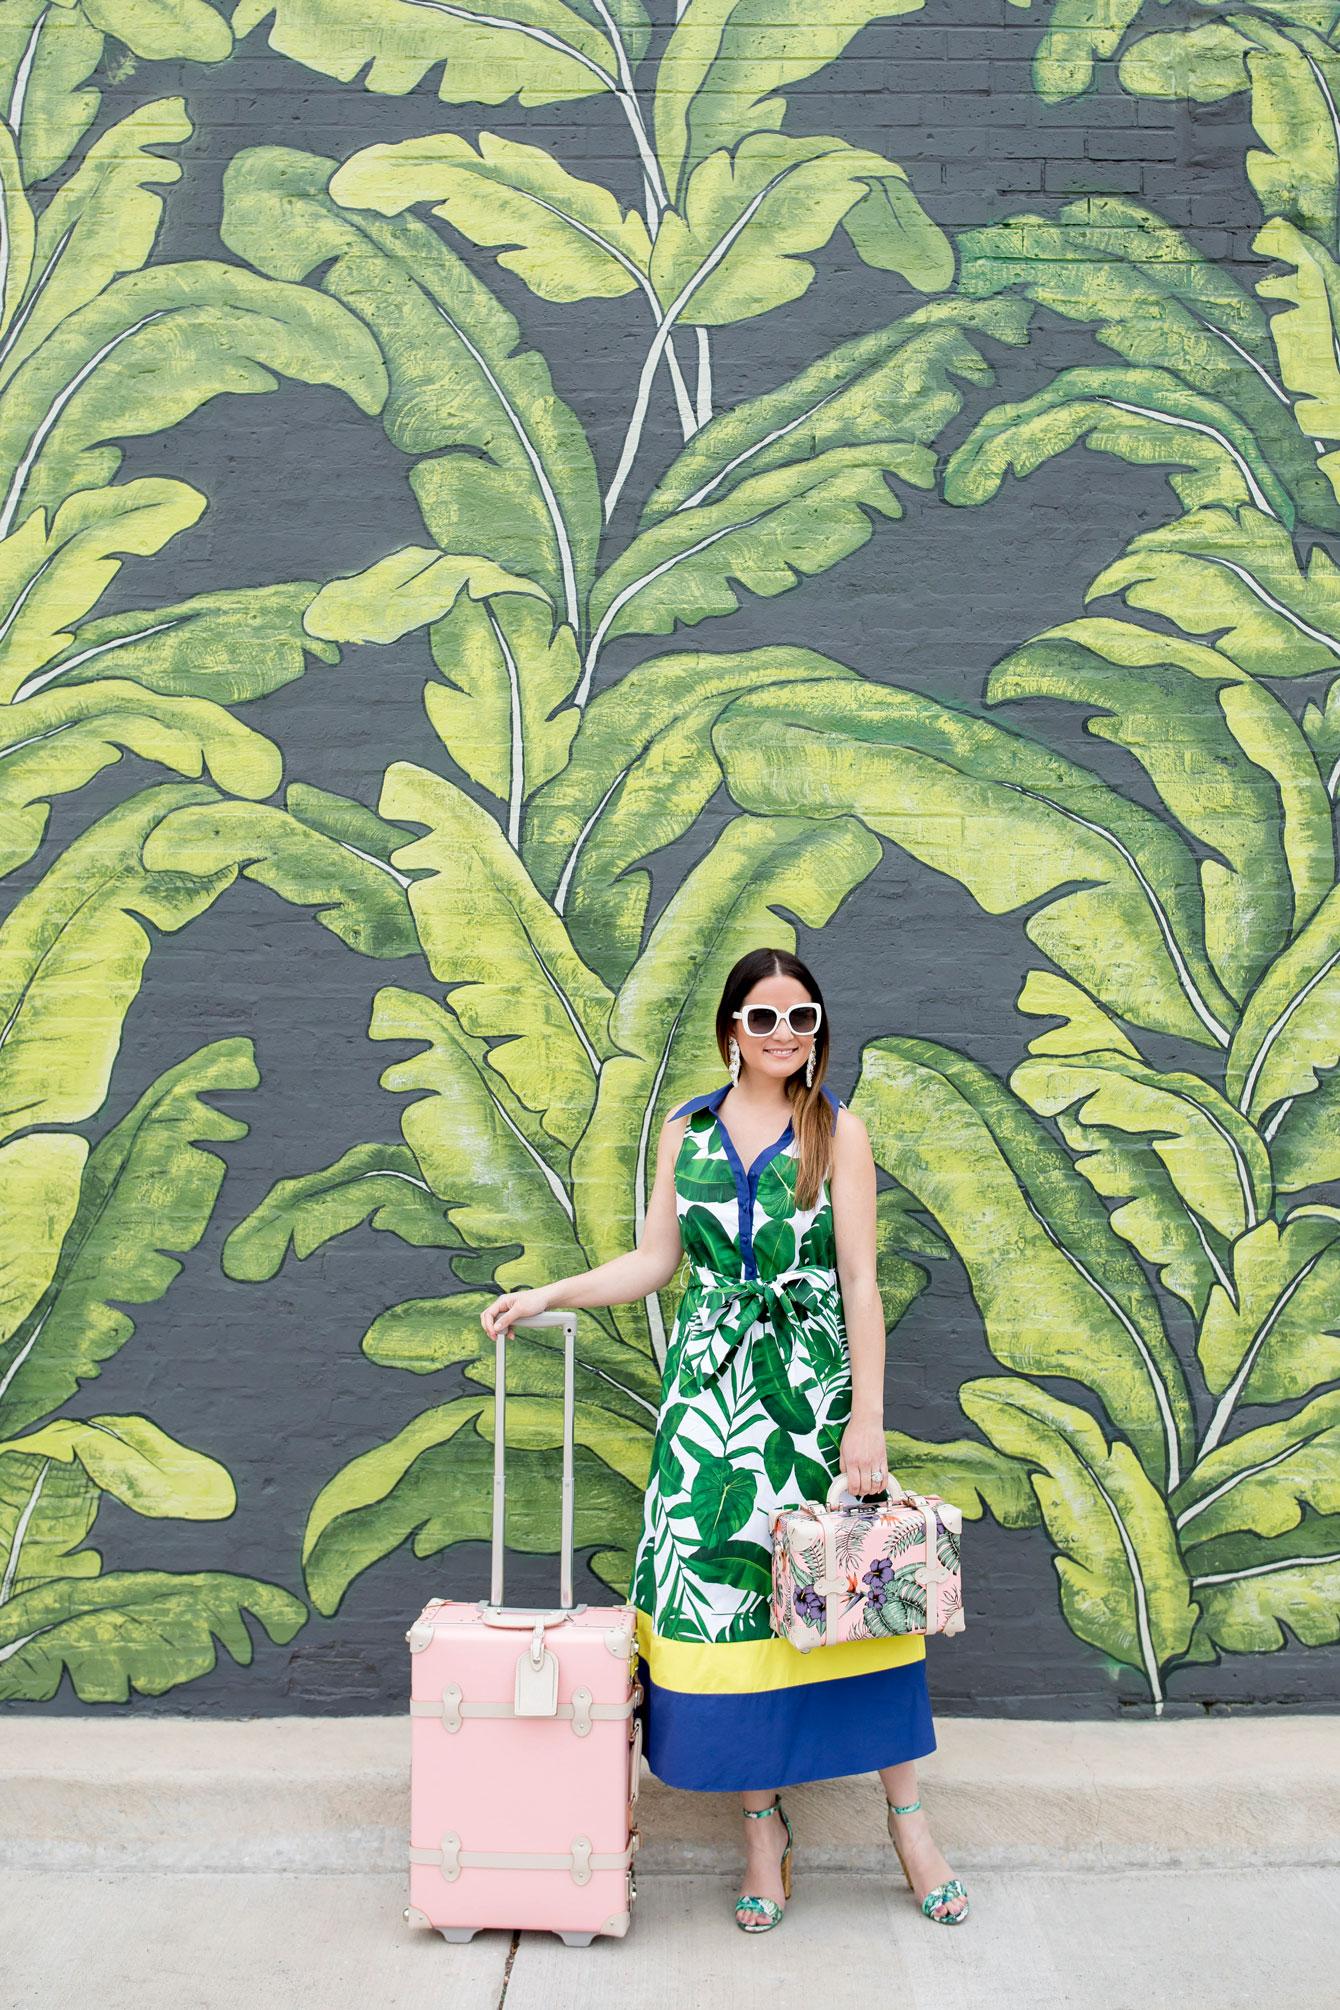 Eden Chicago Leaf Mural